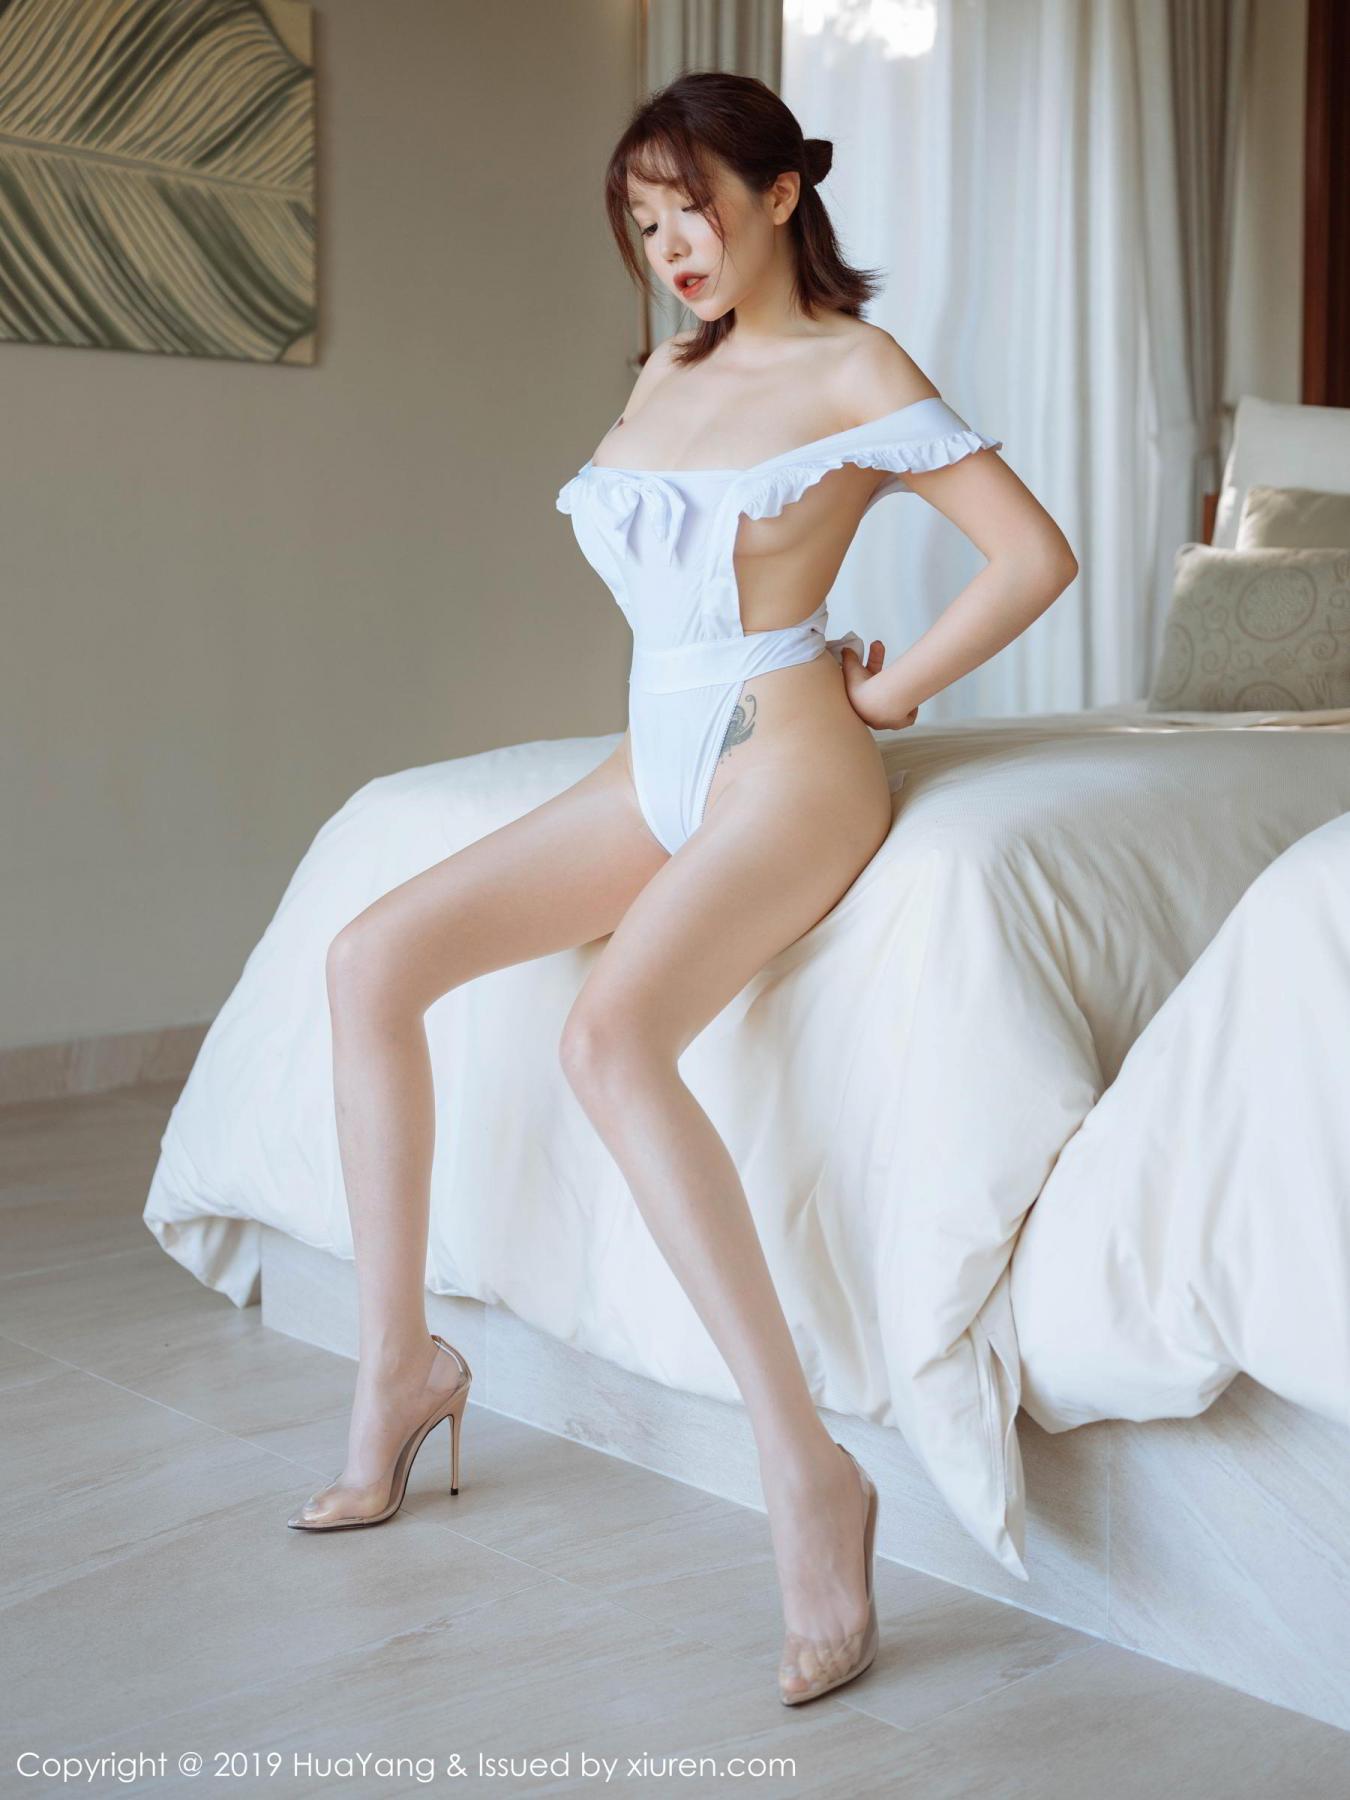 [Huayang] Vol.134 Huang Le Ran 14P, Huang Le Ran, HuaYang, Maid, Sexy